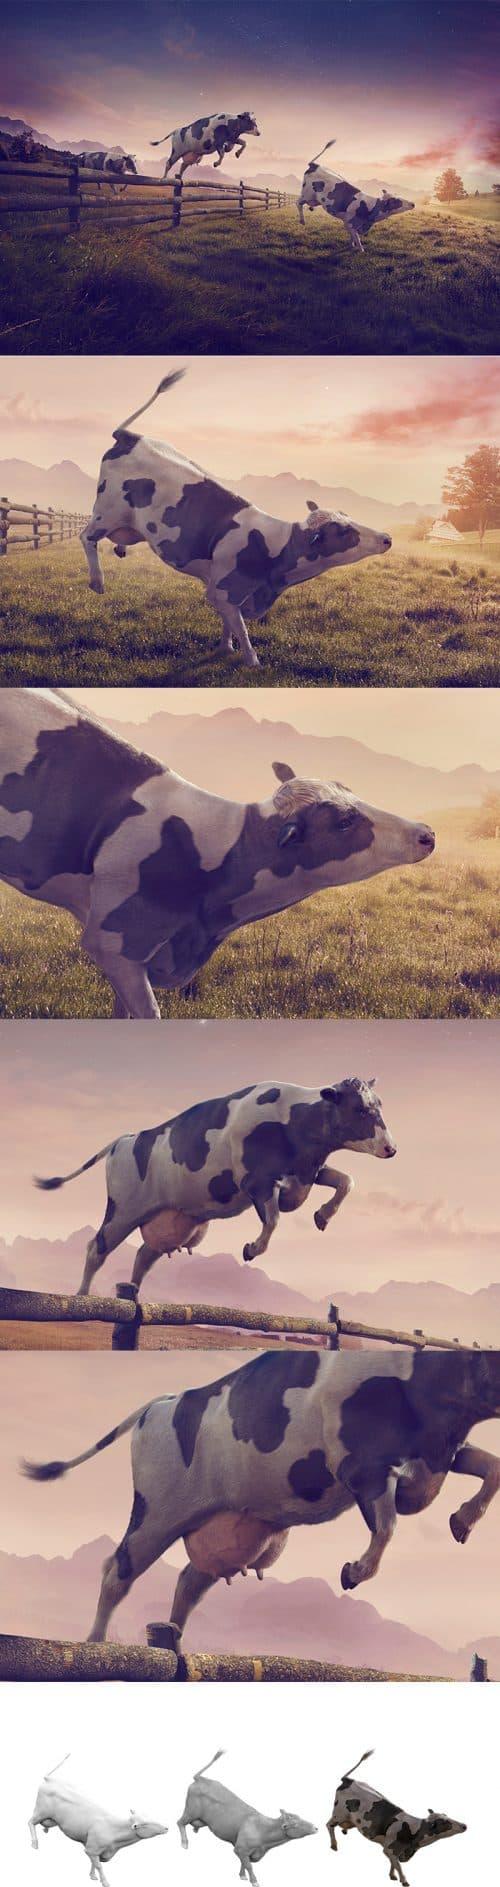 3D Matte Painting   Cargill – Cows